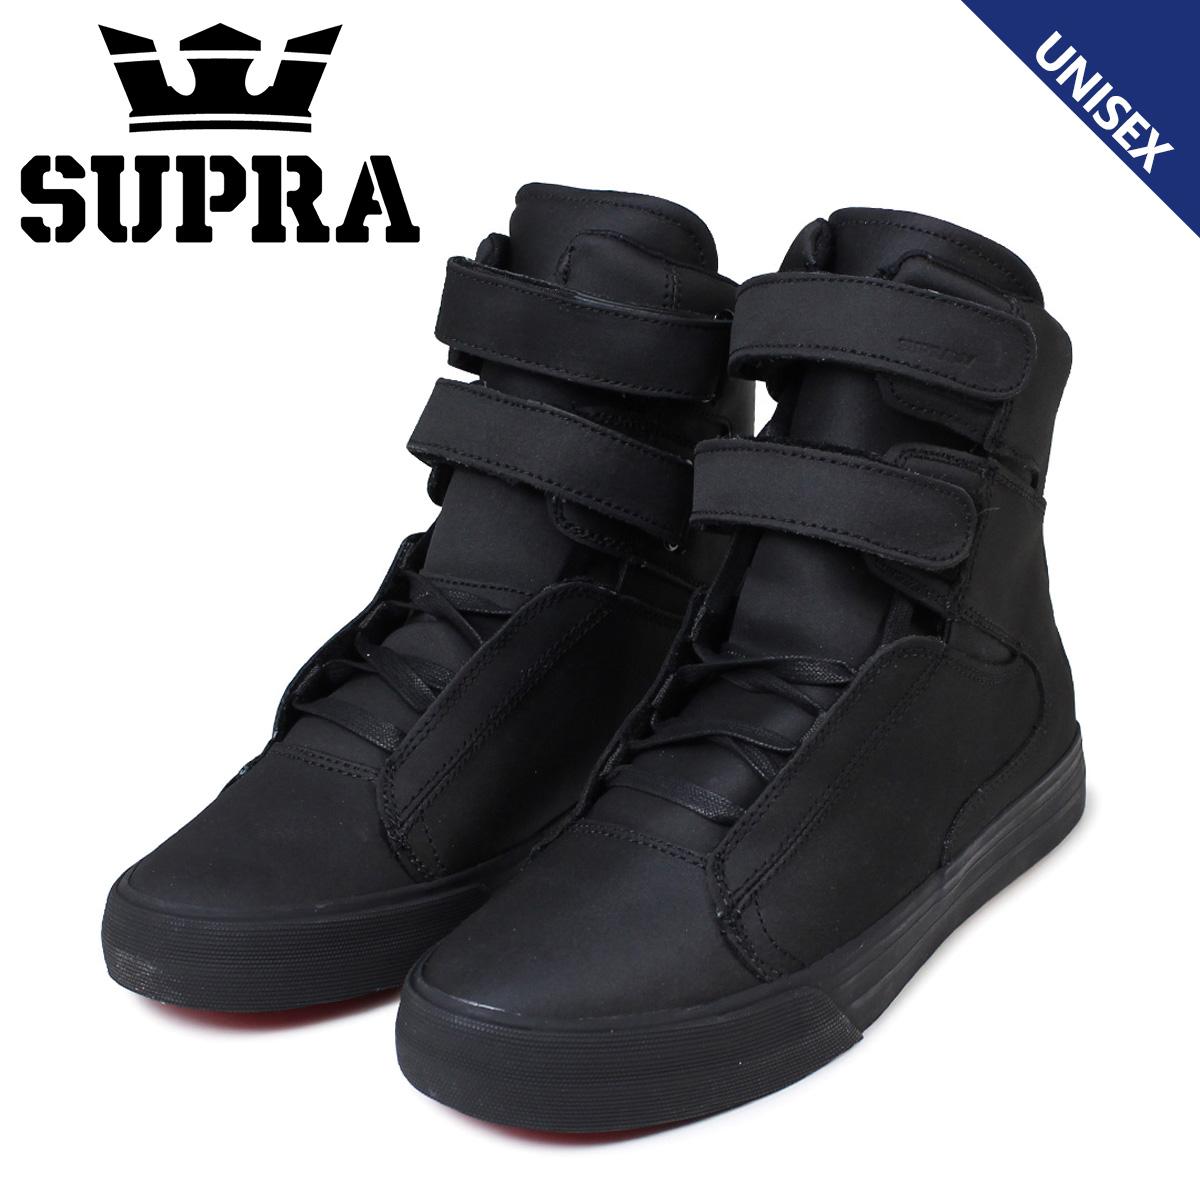 スープラ スニーカー メンズ レディース SUPRA SOCIETY II ソサエティ 2 S34137 ブラック